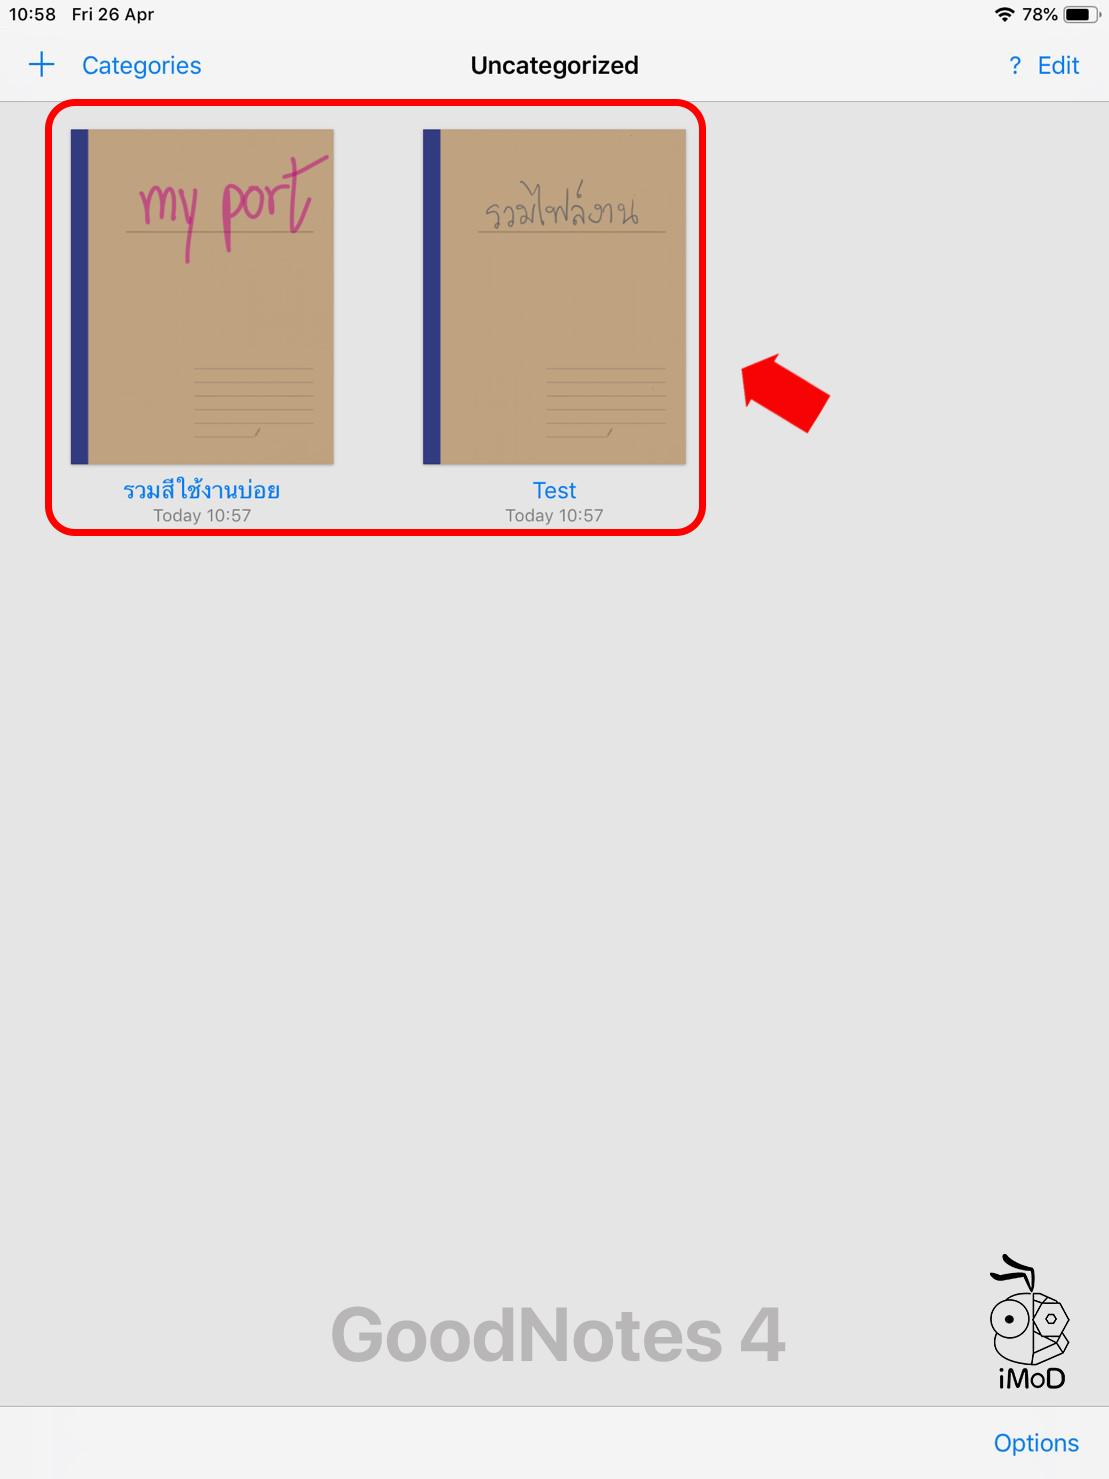 วิธีย้ายข้อมูลจาก GoodNotes 4 ไป GoodNotes 5 - iPhoneMod